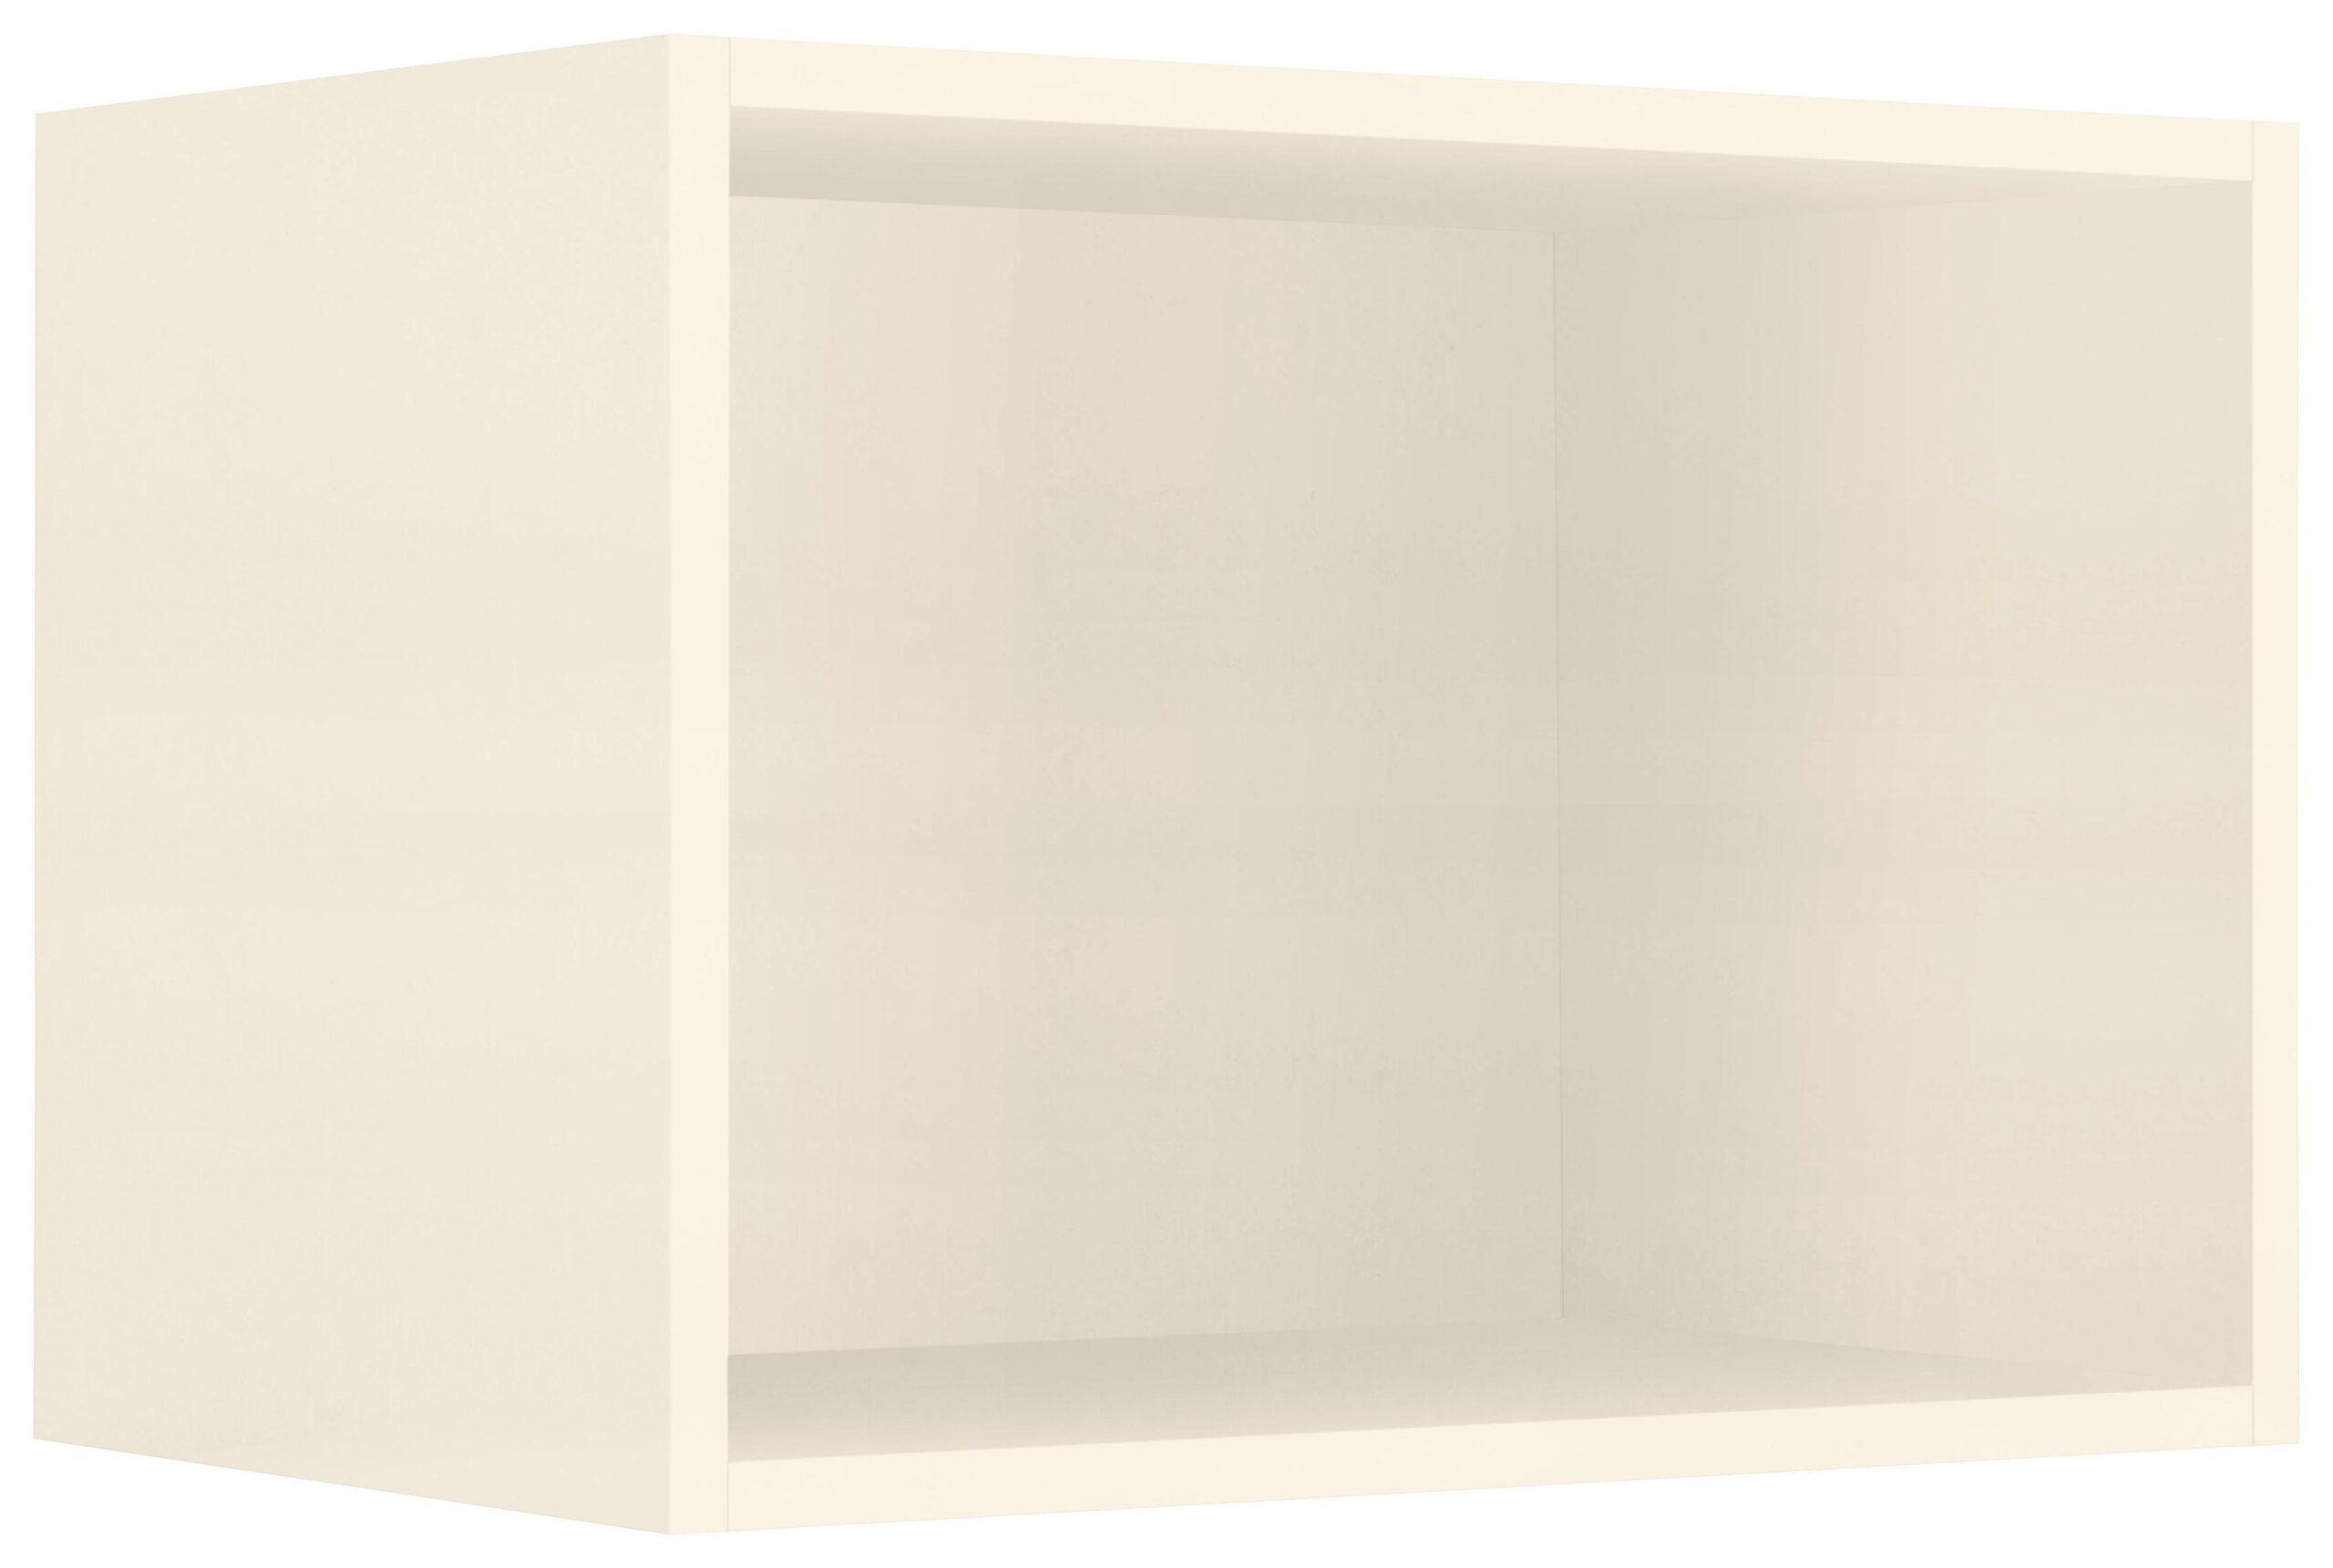 Full Size of Küche Hängeregal L Mit Elektrogeräten Tresen Industriedesign Weisse Landhausküche Vinylboden Spüle Beistelltisch Moderne Apothekerschrank Eckunterschrank Wohnzimmer Küche Hängeregal